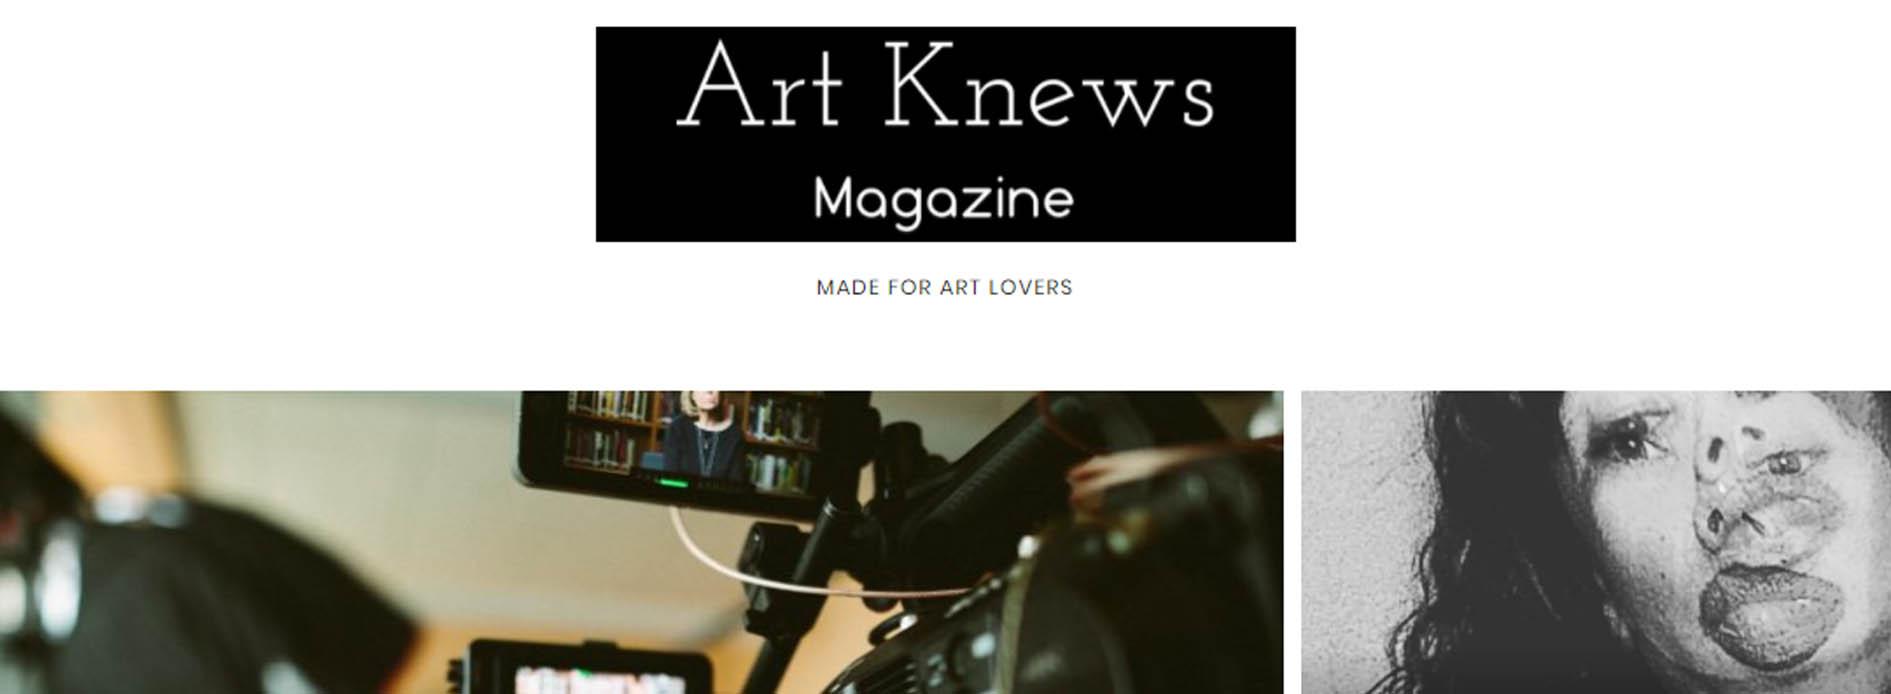 Art Knews